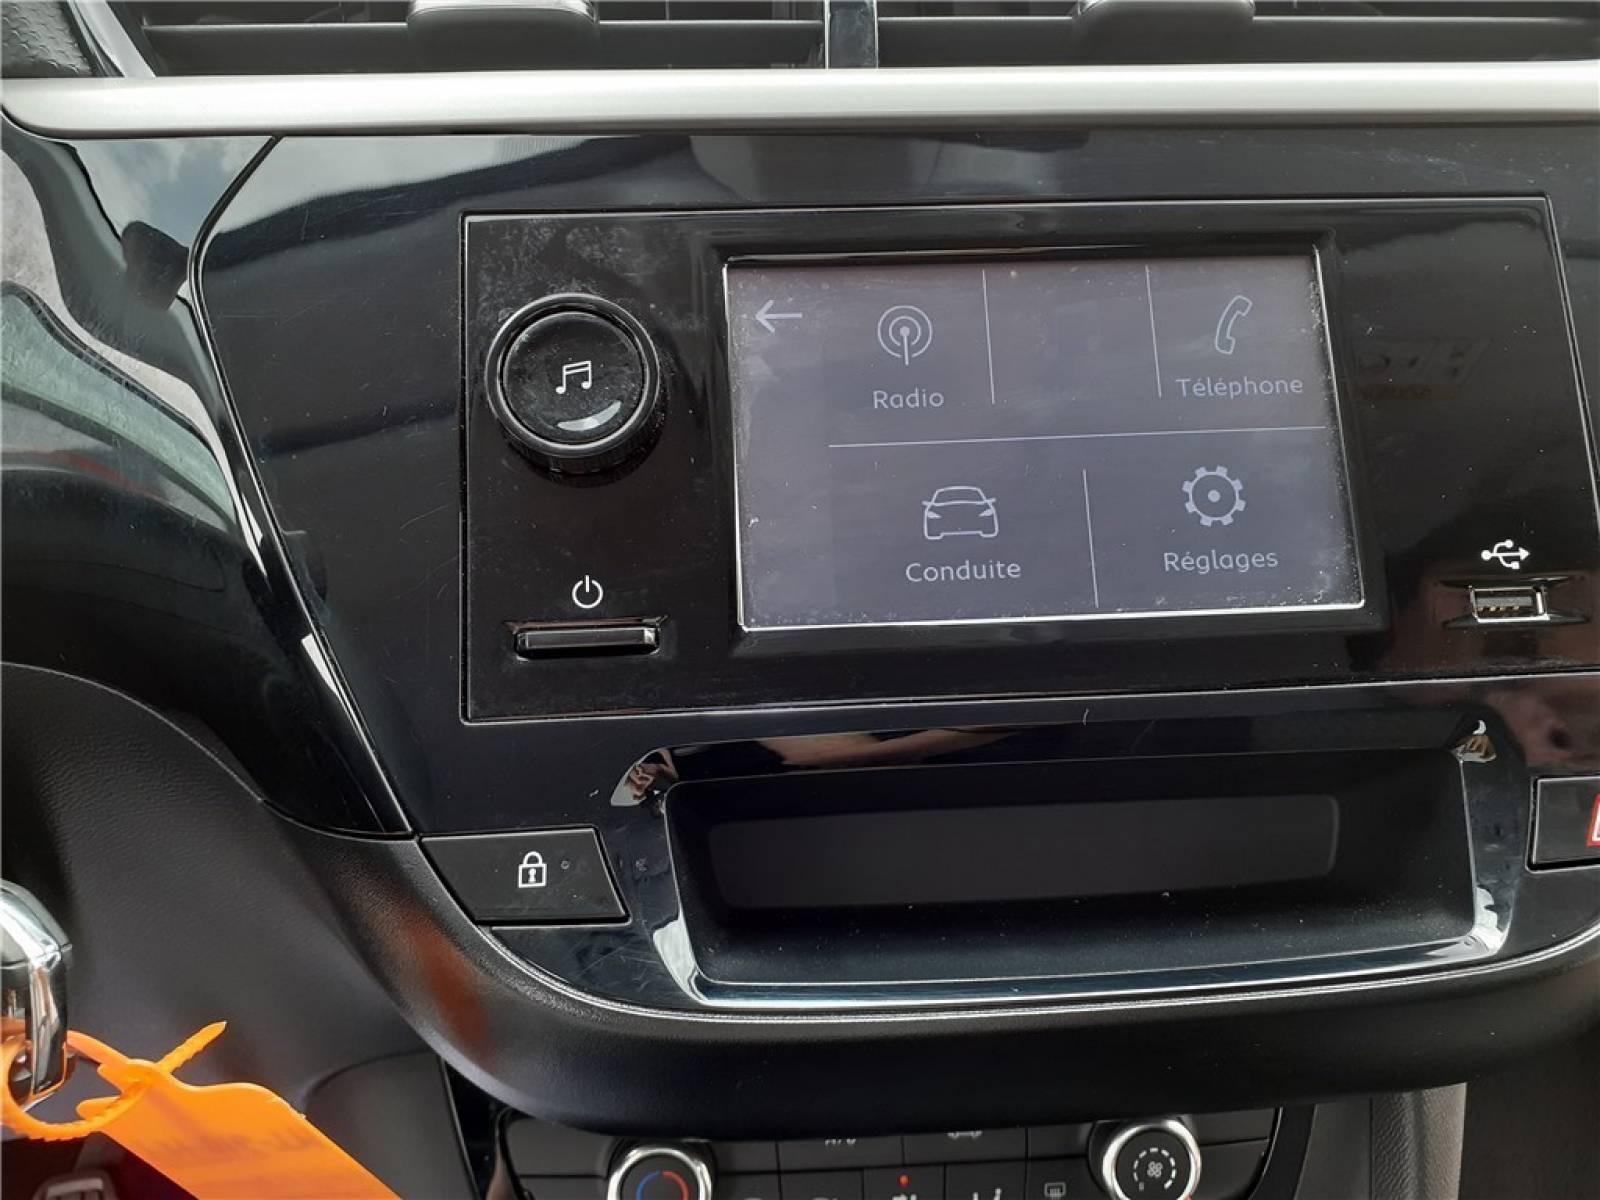 OPEL Corsa 1.2 75 ch BVM5 - véhicule d'occasion - Groupe Guillet - Opel Magicauto - Chalon-sur-Saône - 71380 - Saint-Marcel - 37